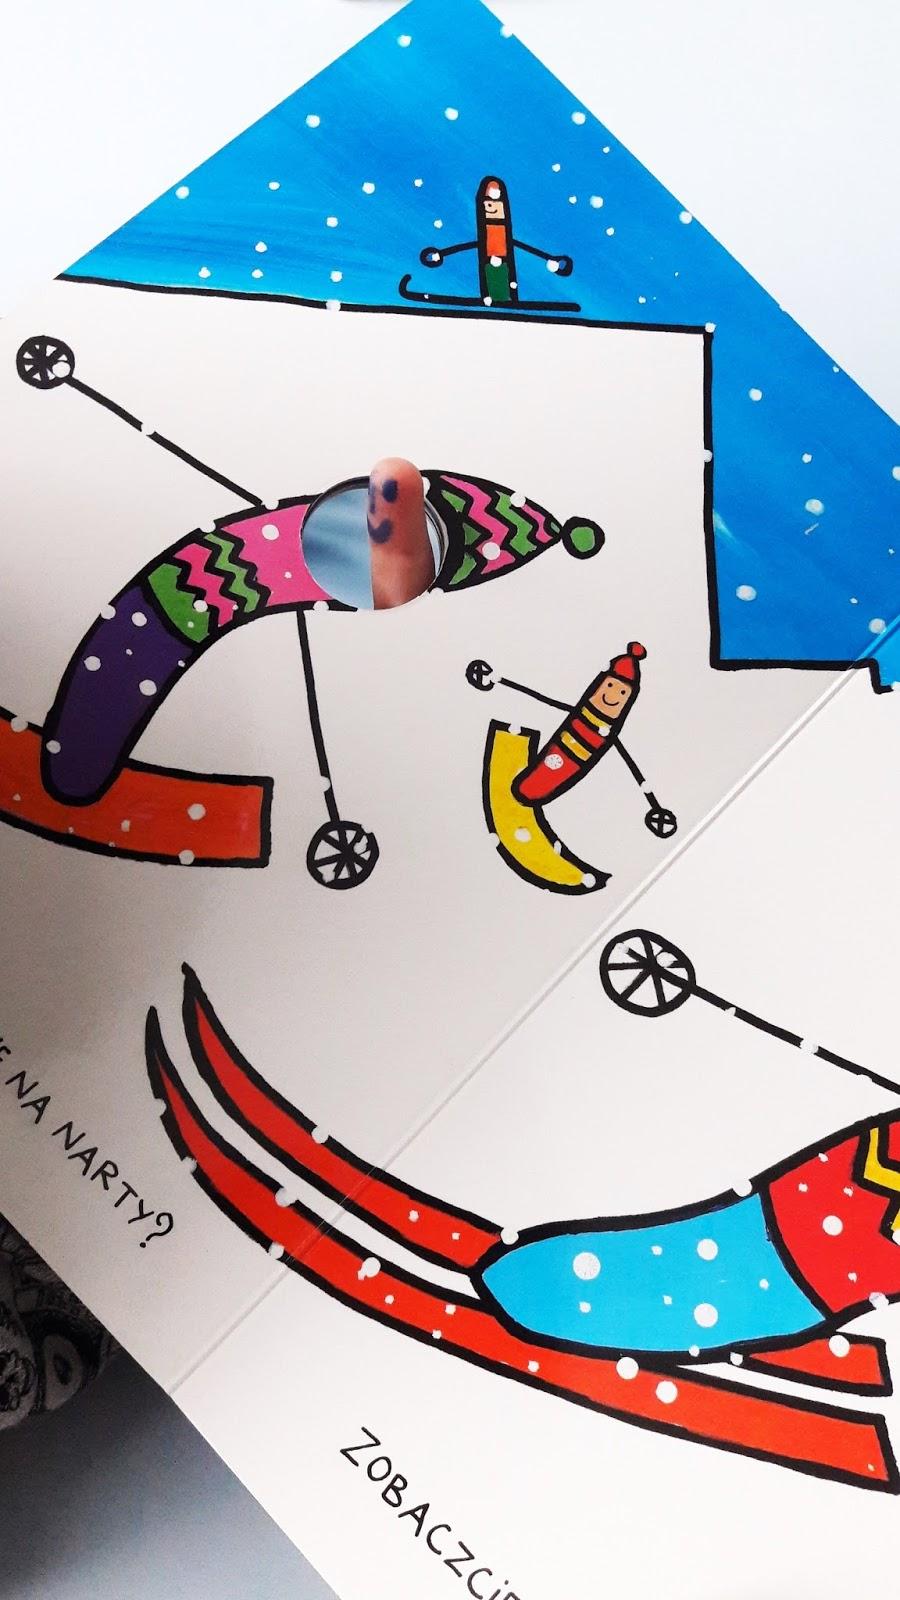 paluszkowa wyprawa robaczki Hervé-Tullet - wydawinctwo insignis - robaczki na nartach